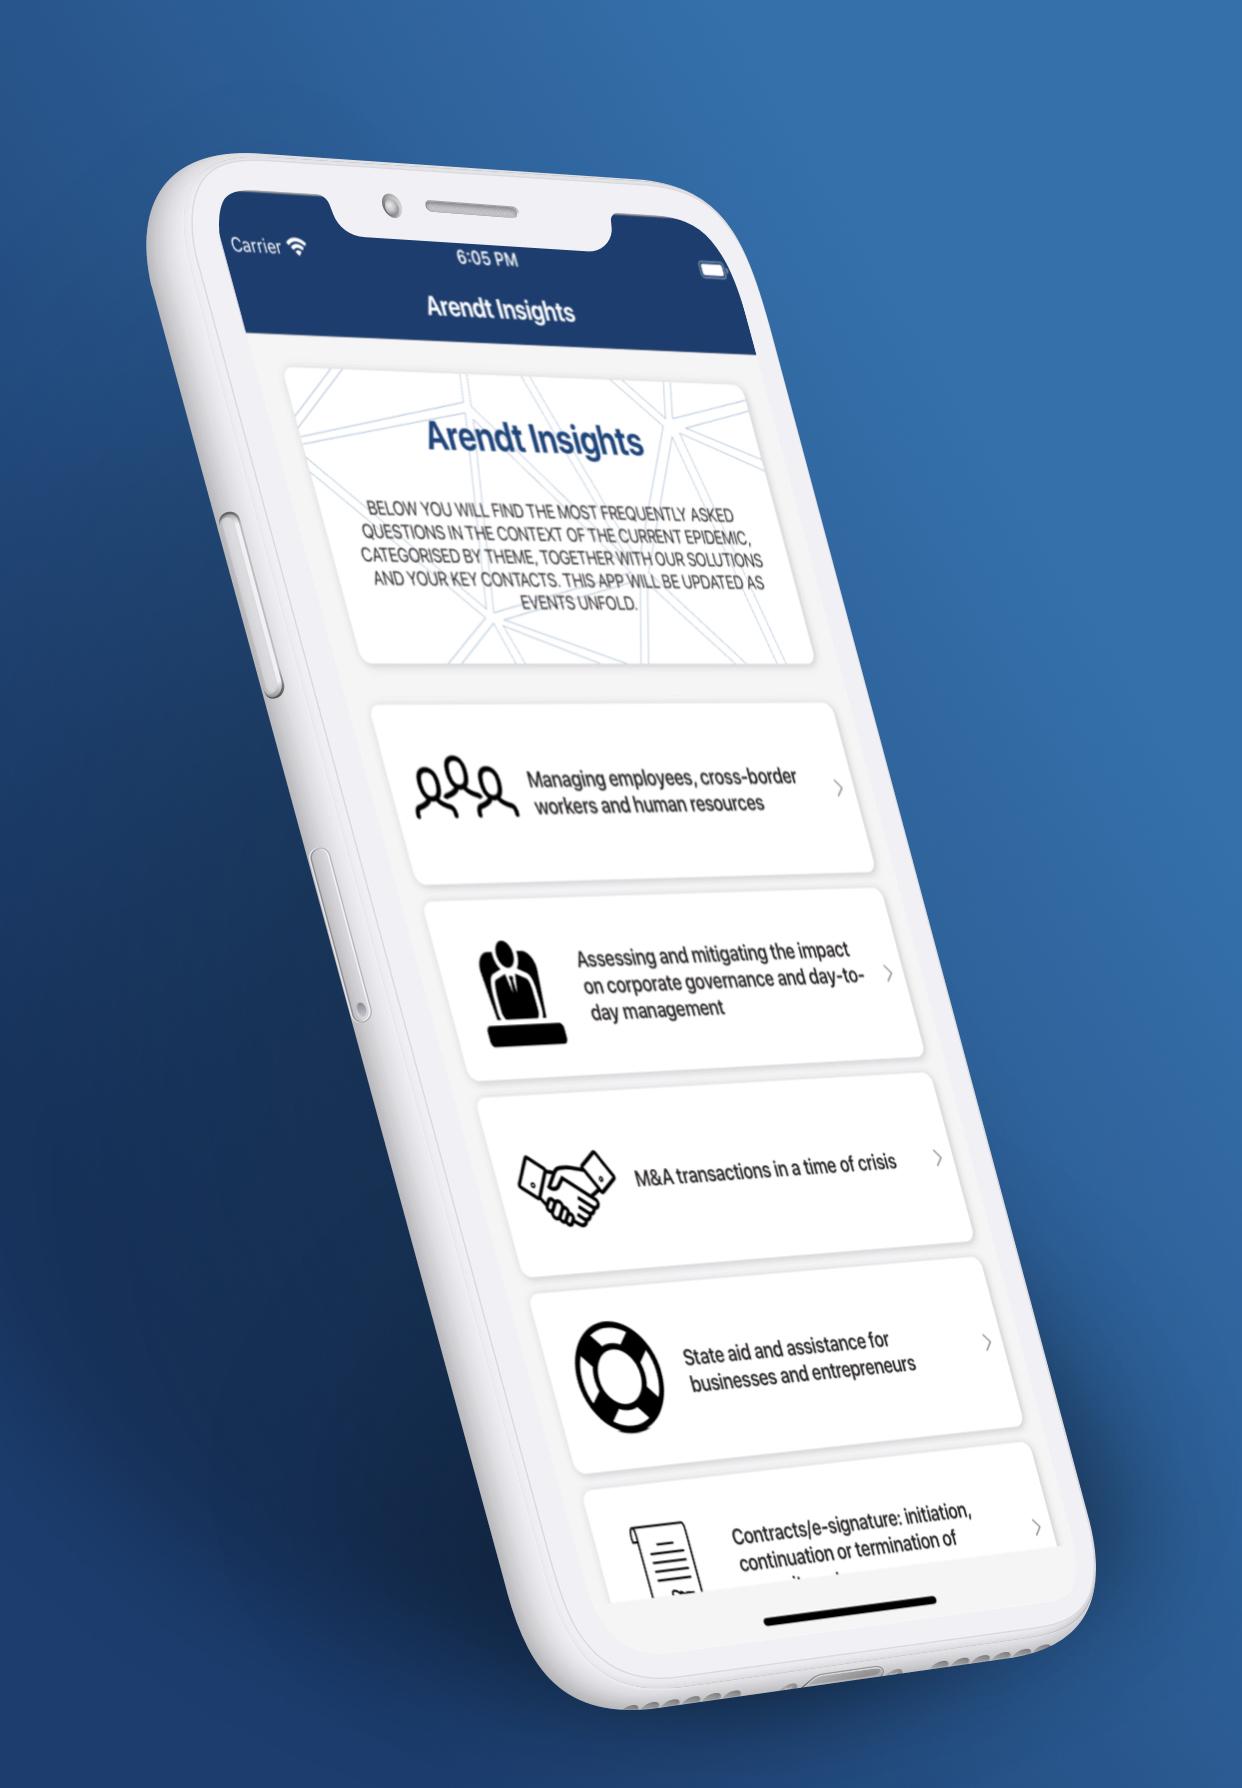 2020 - Arendt Insights mobile app 1